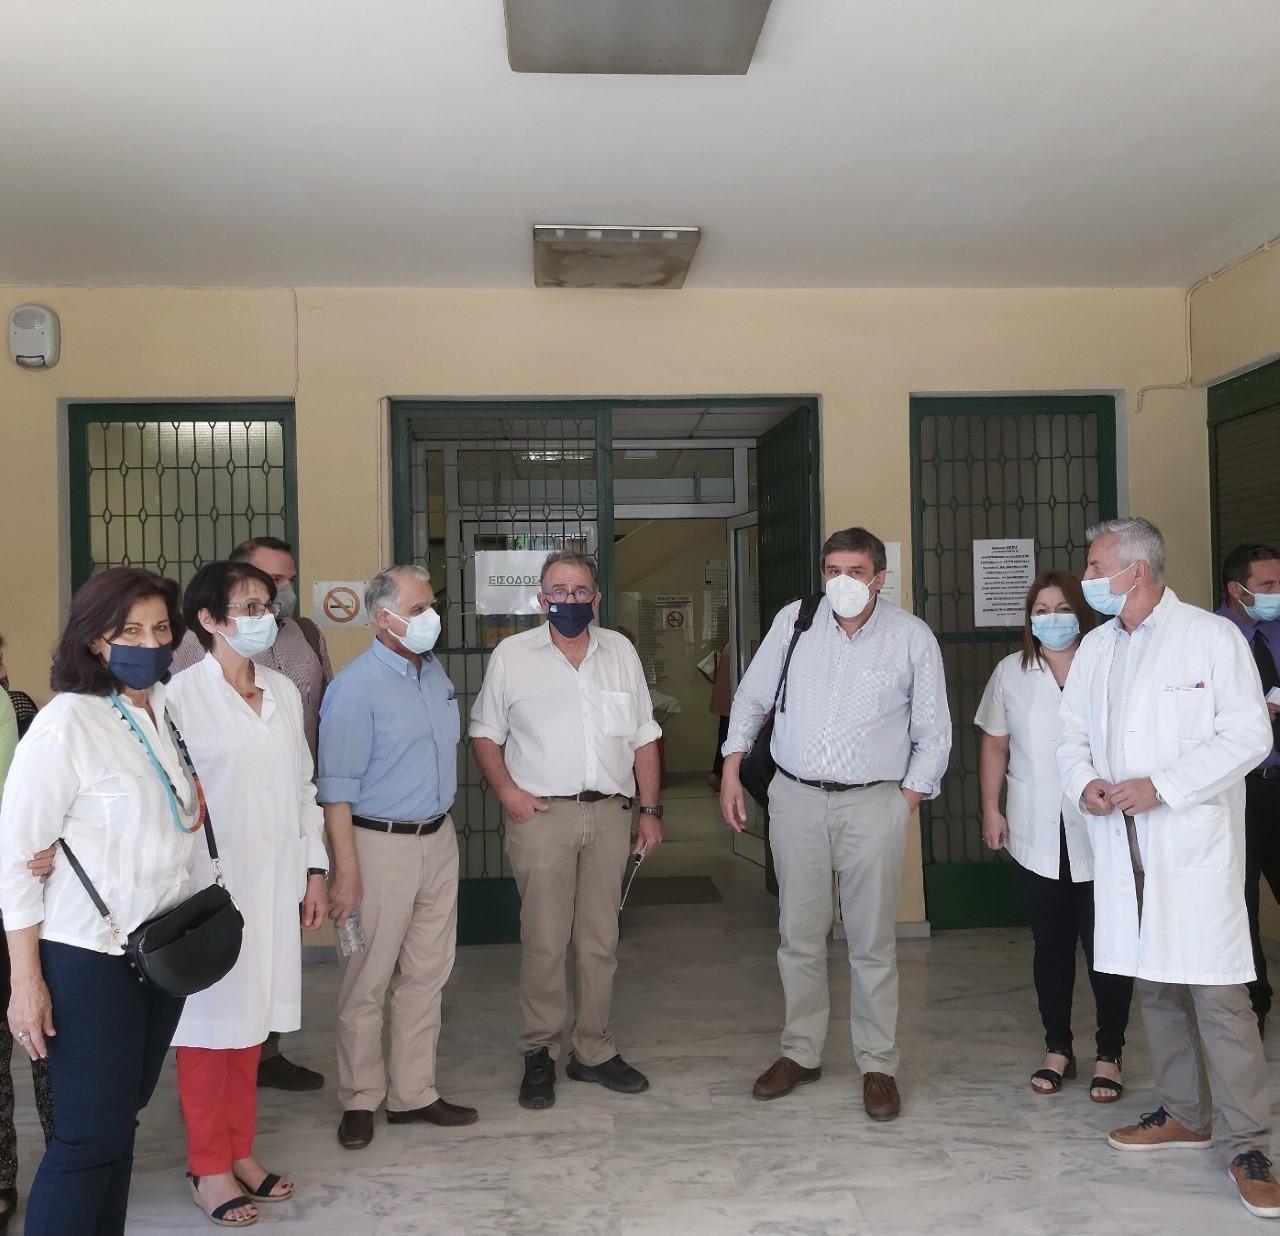 Σύριζα στο ΚΥ Καλλιθέας: Στο ΚΥ Καλλιθέας βουλευτές του ΣΥΡΙΖΑ για το κλείσιμο του Οδοντοπροσθετικού – Αρνήθηκε συνάντηση η διευθύντρια